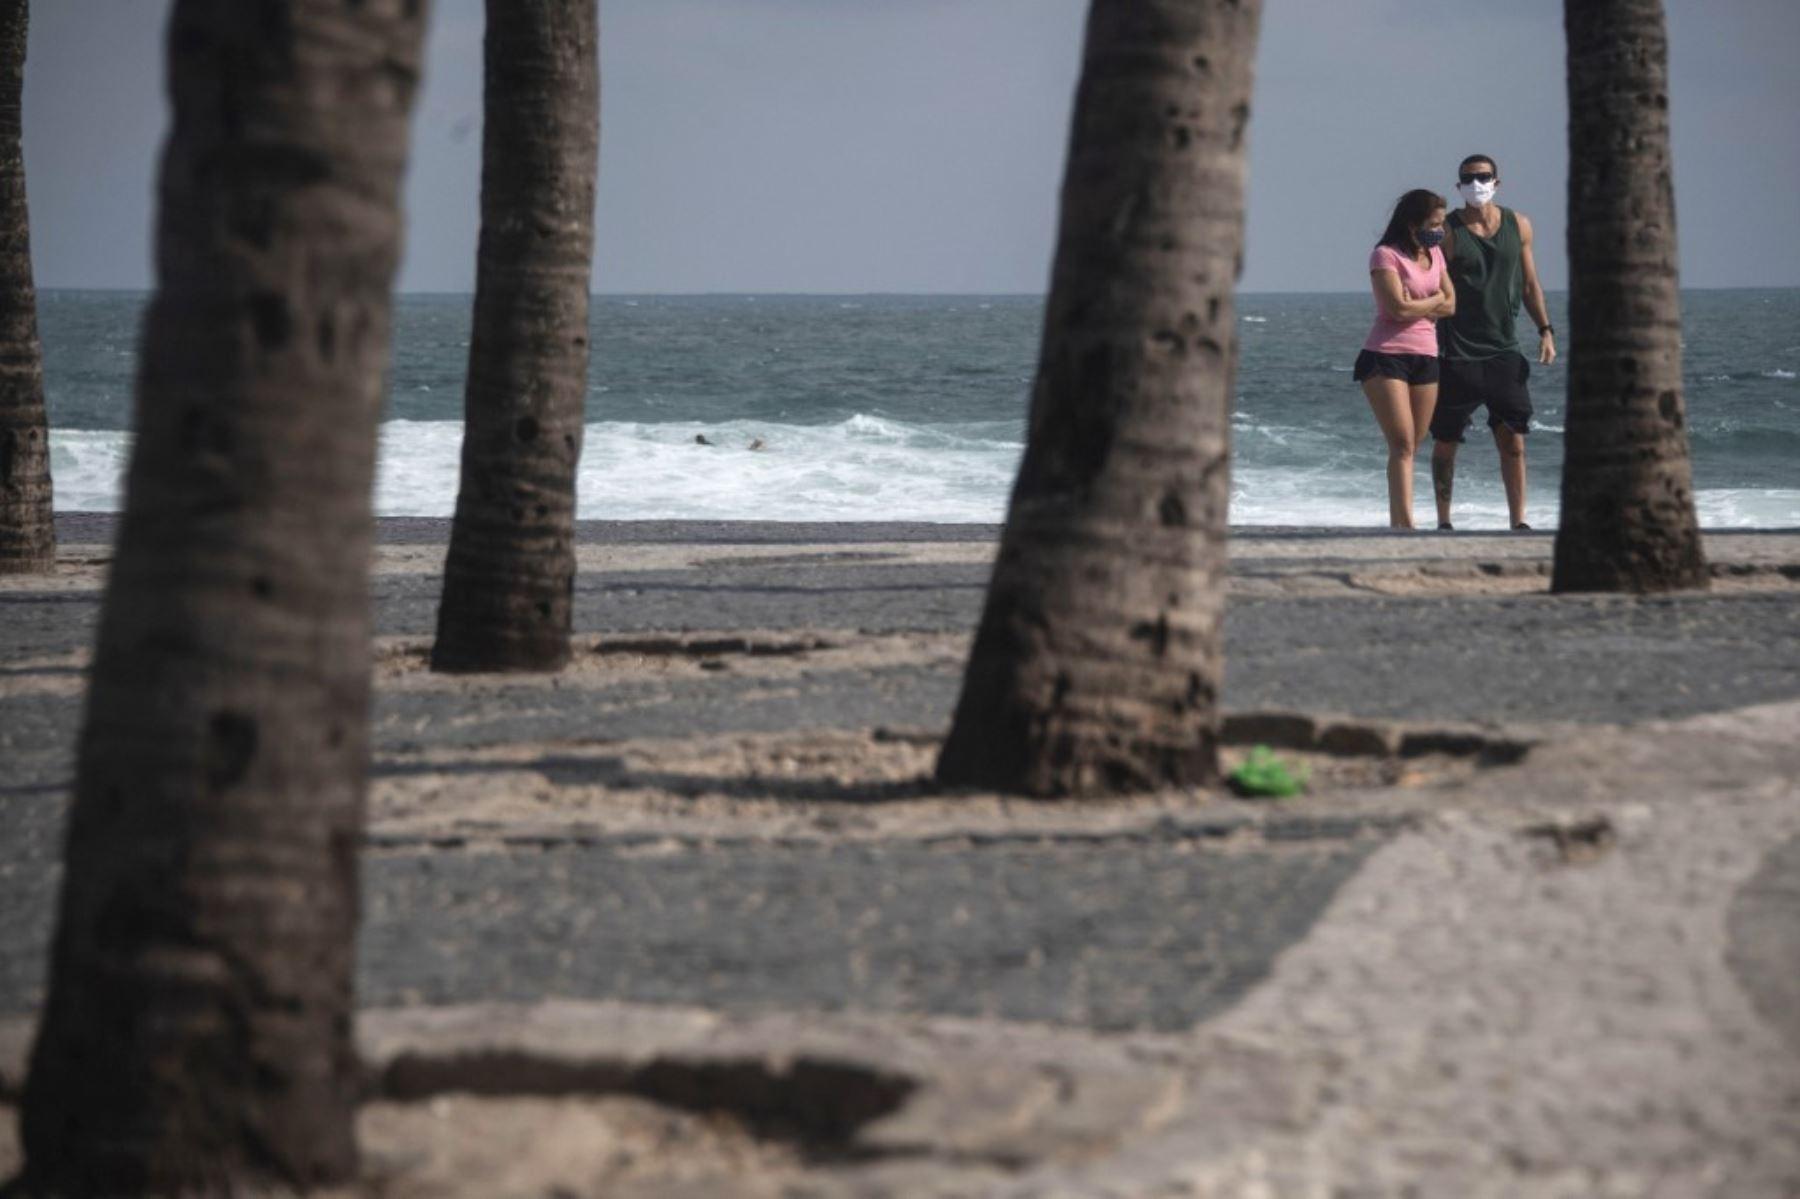 Una pareja con máscara facial caminó en la playa de Arpoador en el estado de Río de Janeiro, Brasil, durante la nueva pandemia de coronavirus COVID-19. Foto: AFP